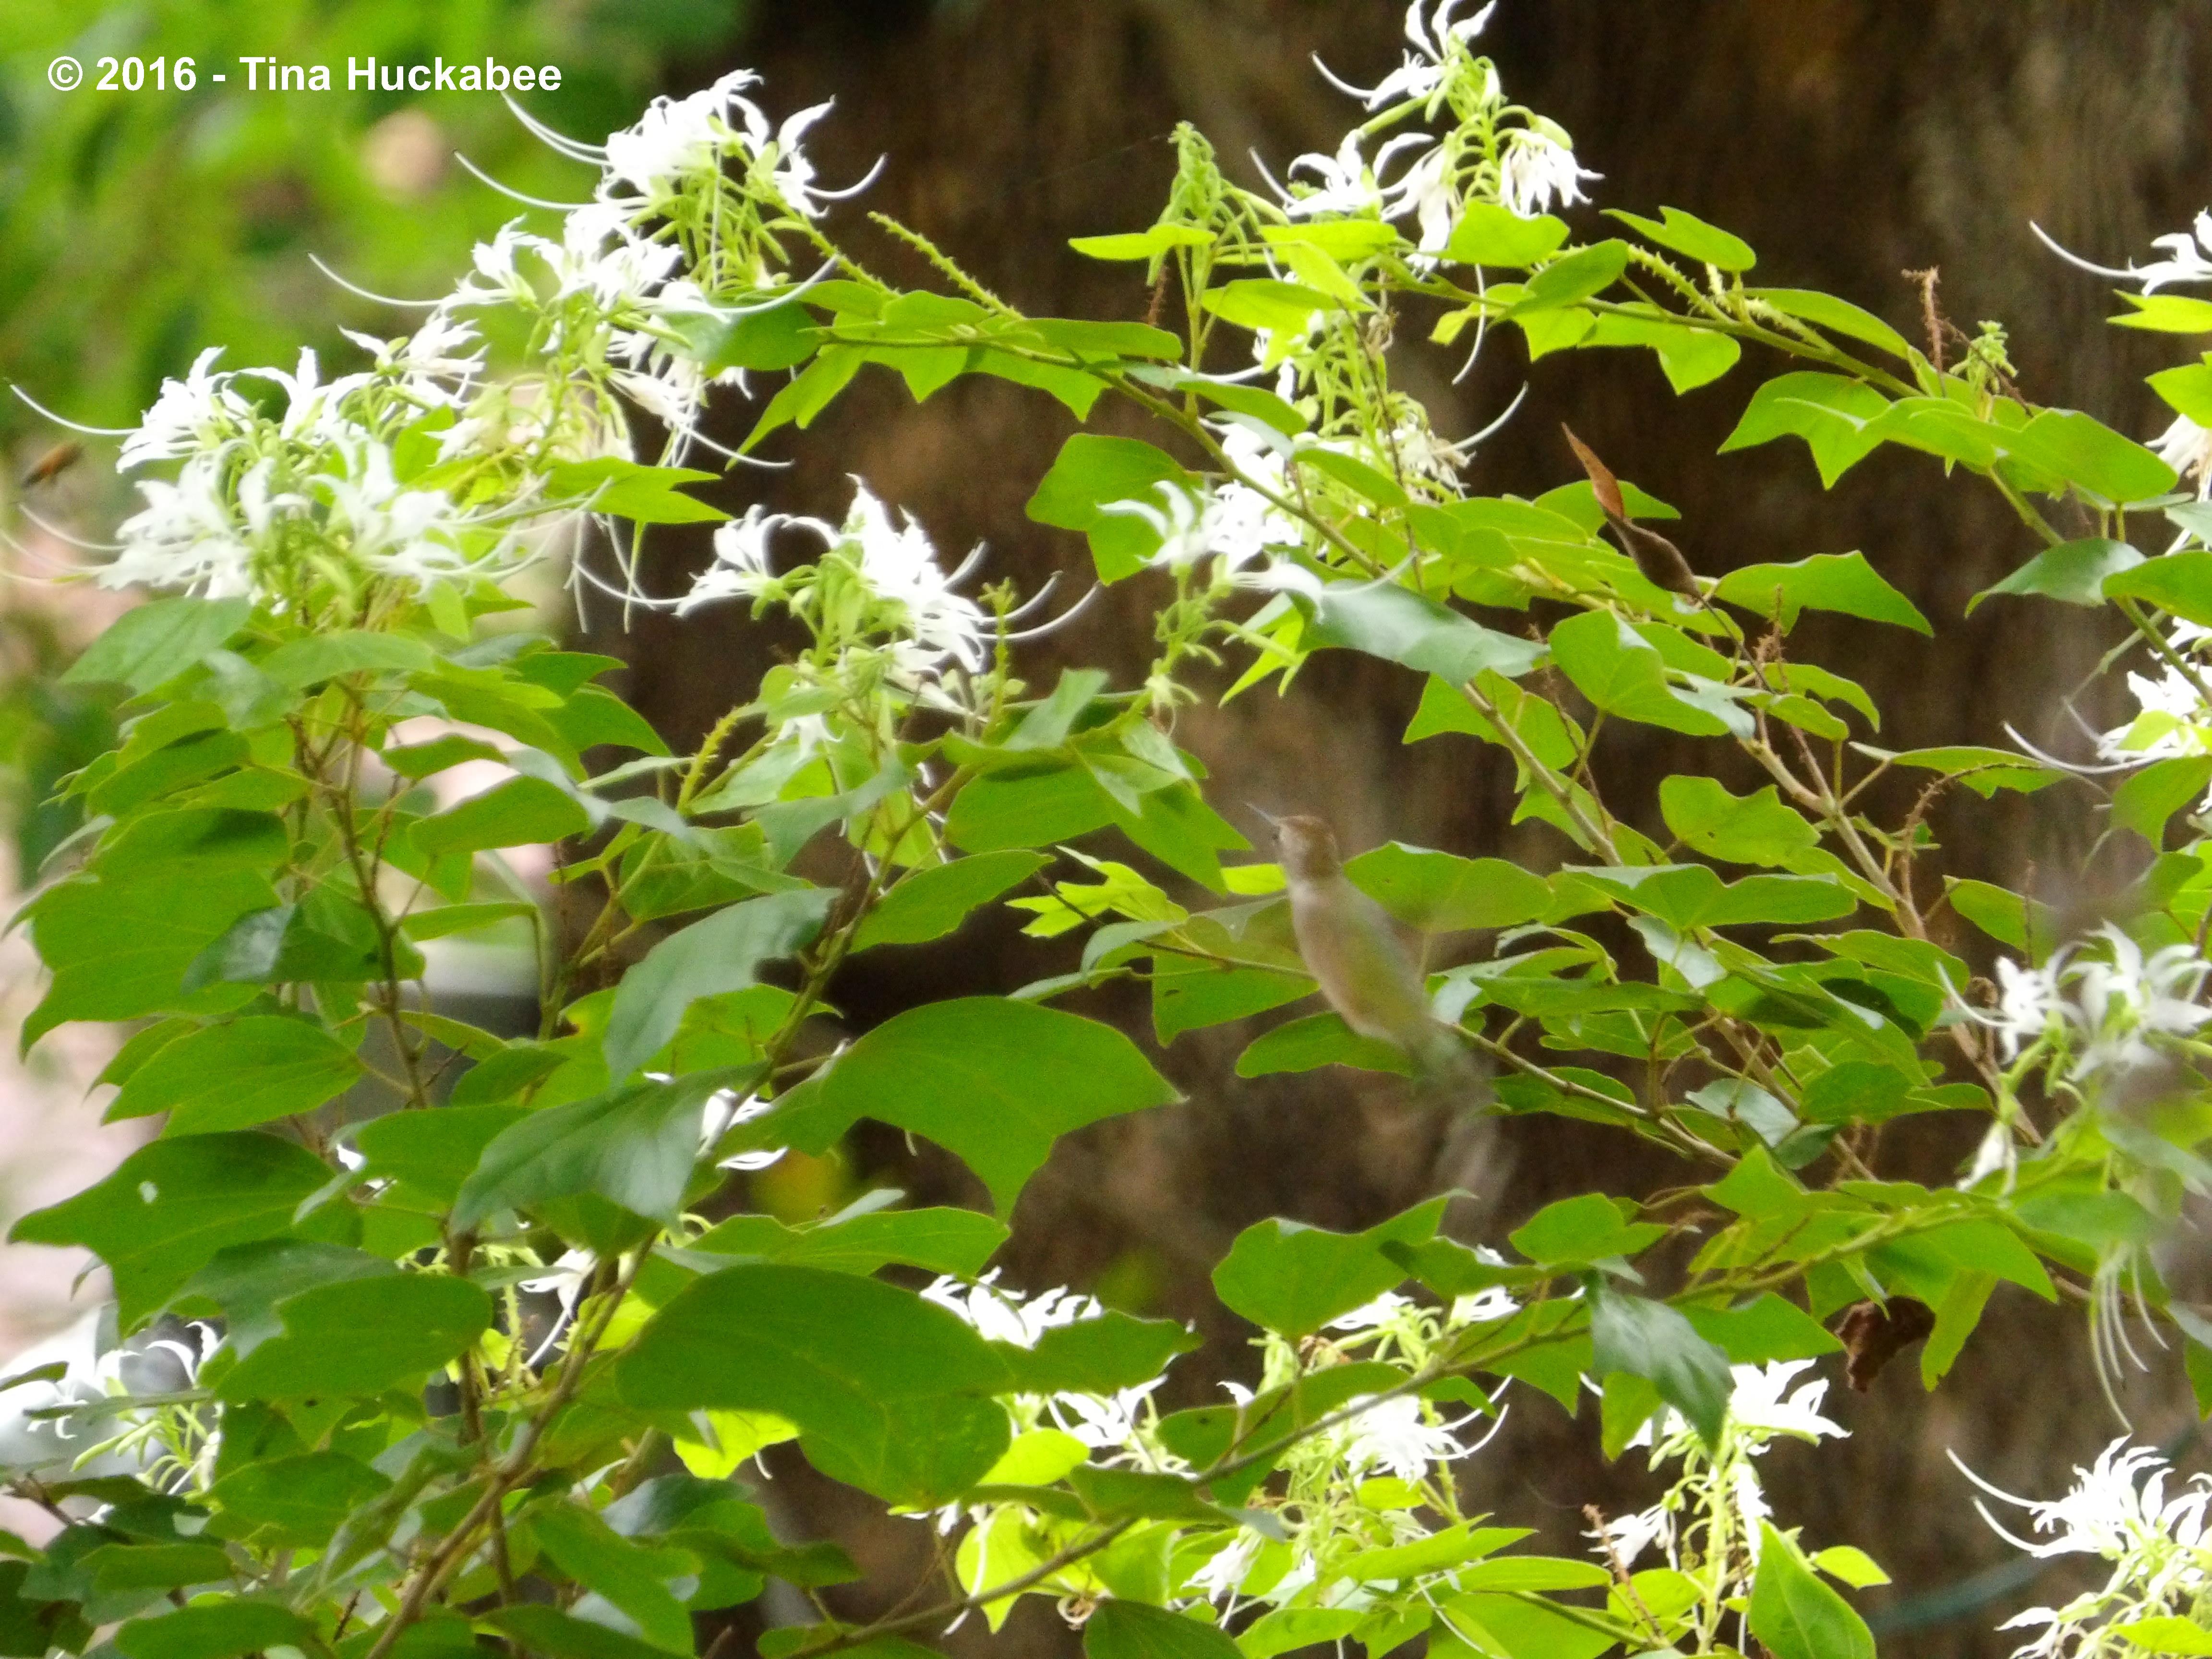 bacillus thuringiensis israelensis my gardener says u2026